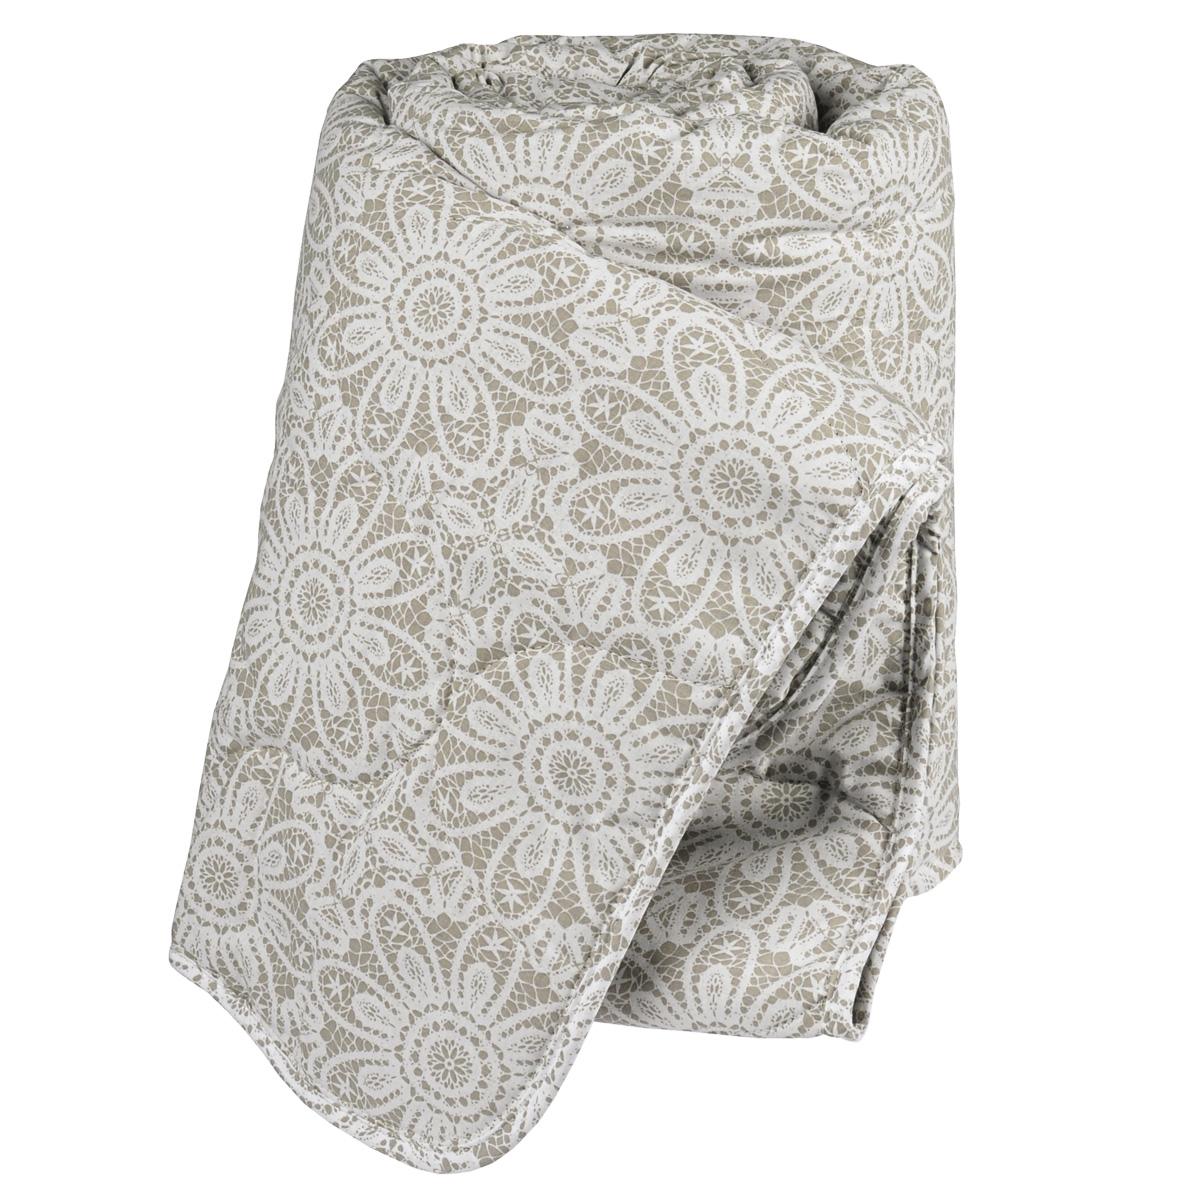 Одеяло Green Line Лен, наполнитель: льняное волокно, 200 см х 220 см подушка green line лен наполнитель льняное волокно 70 х 70 см